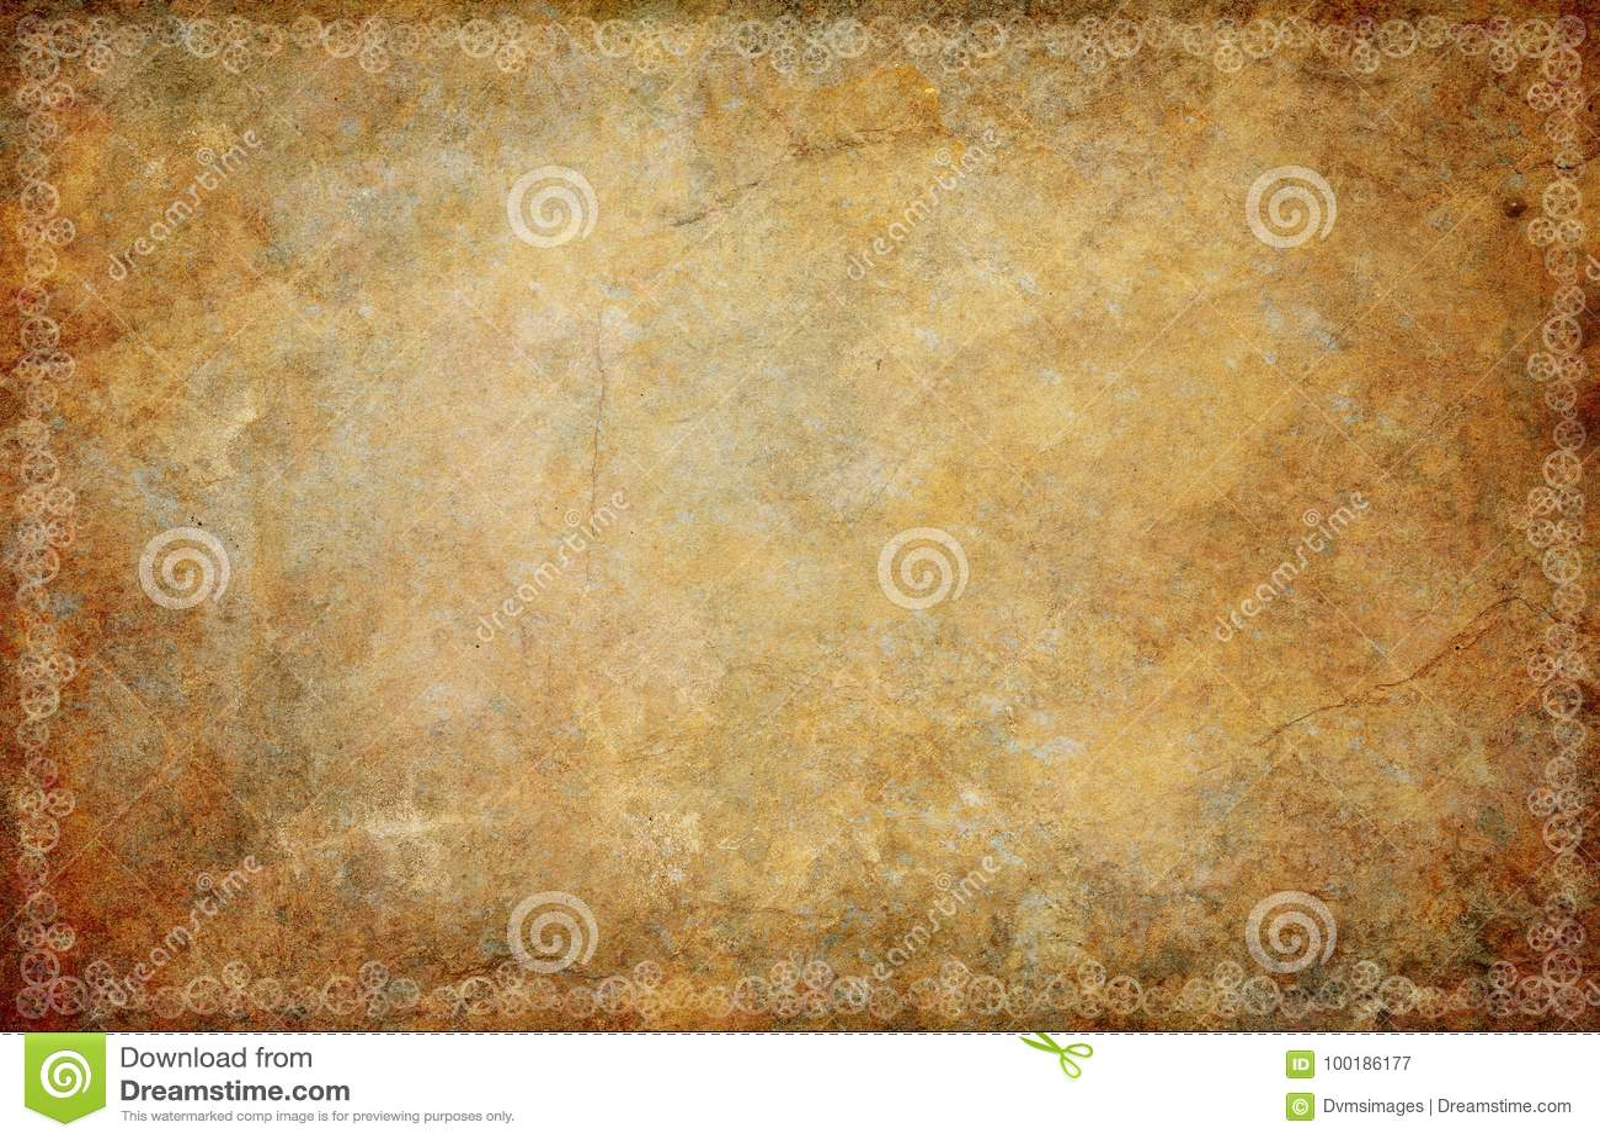 Weinlese Sepia-Schmutz Steampunk-Hintergrund-Grenze